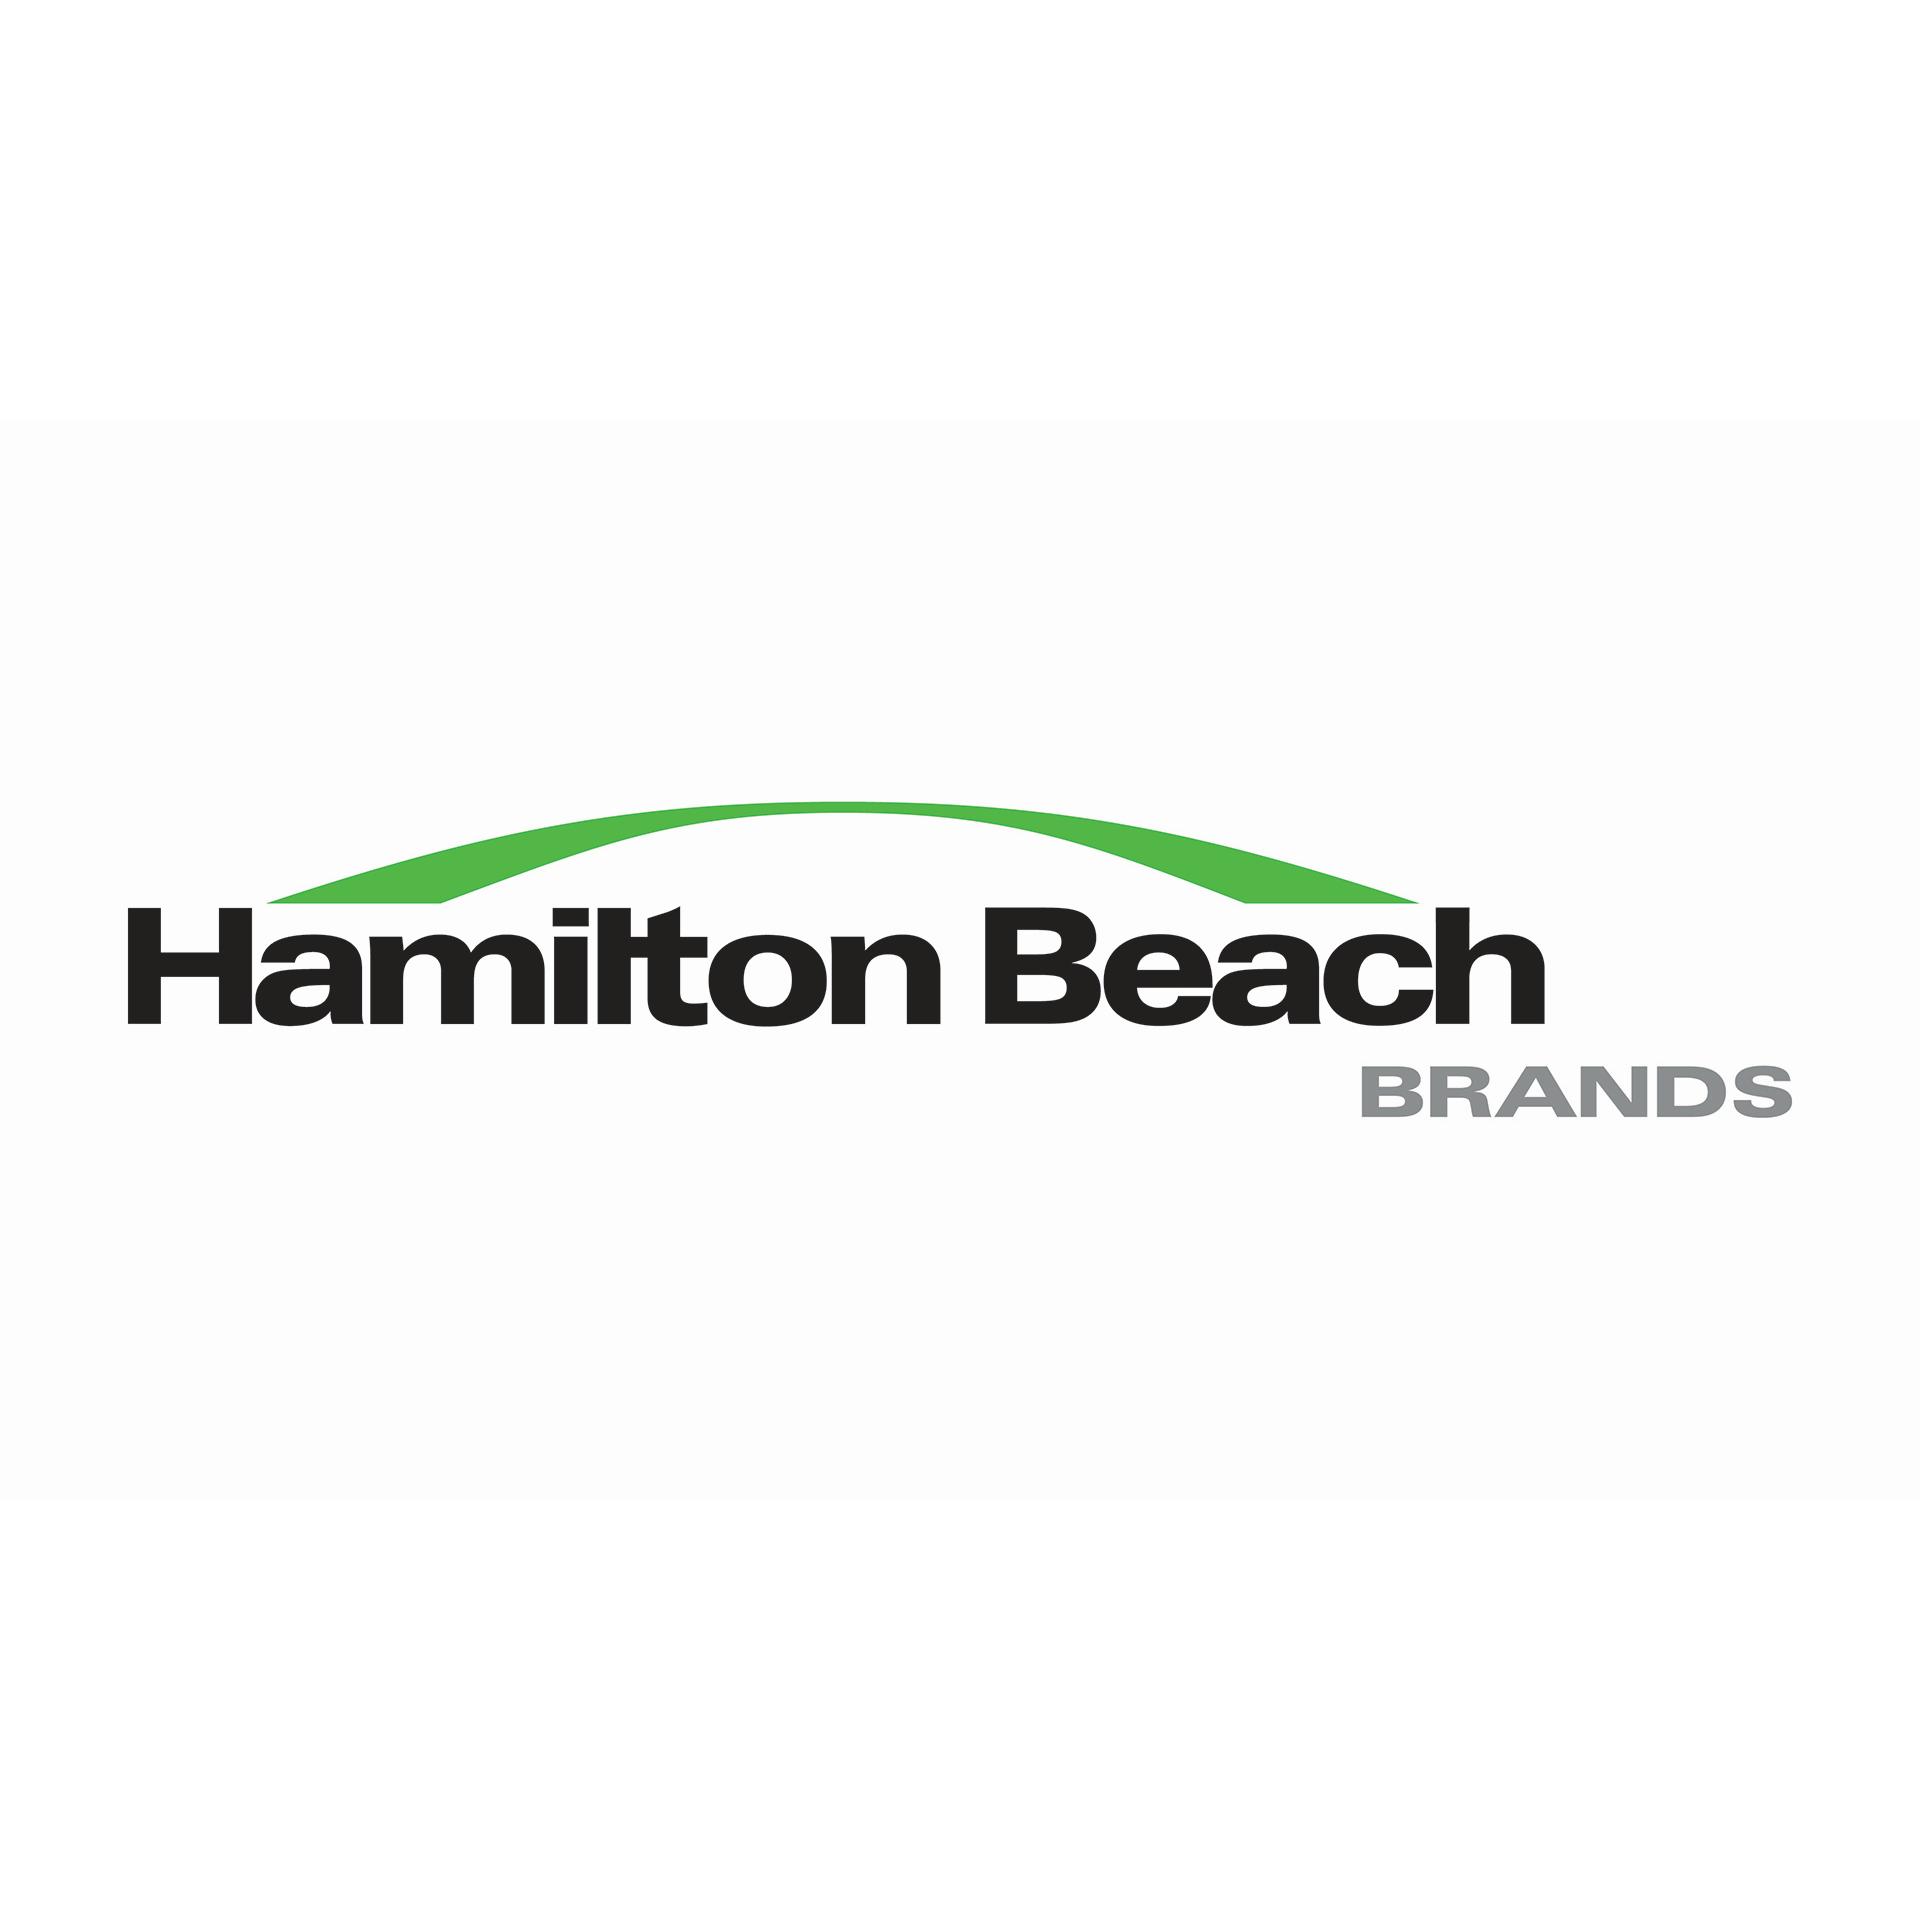 Hamilton Beach Brands Holding Company